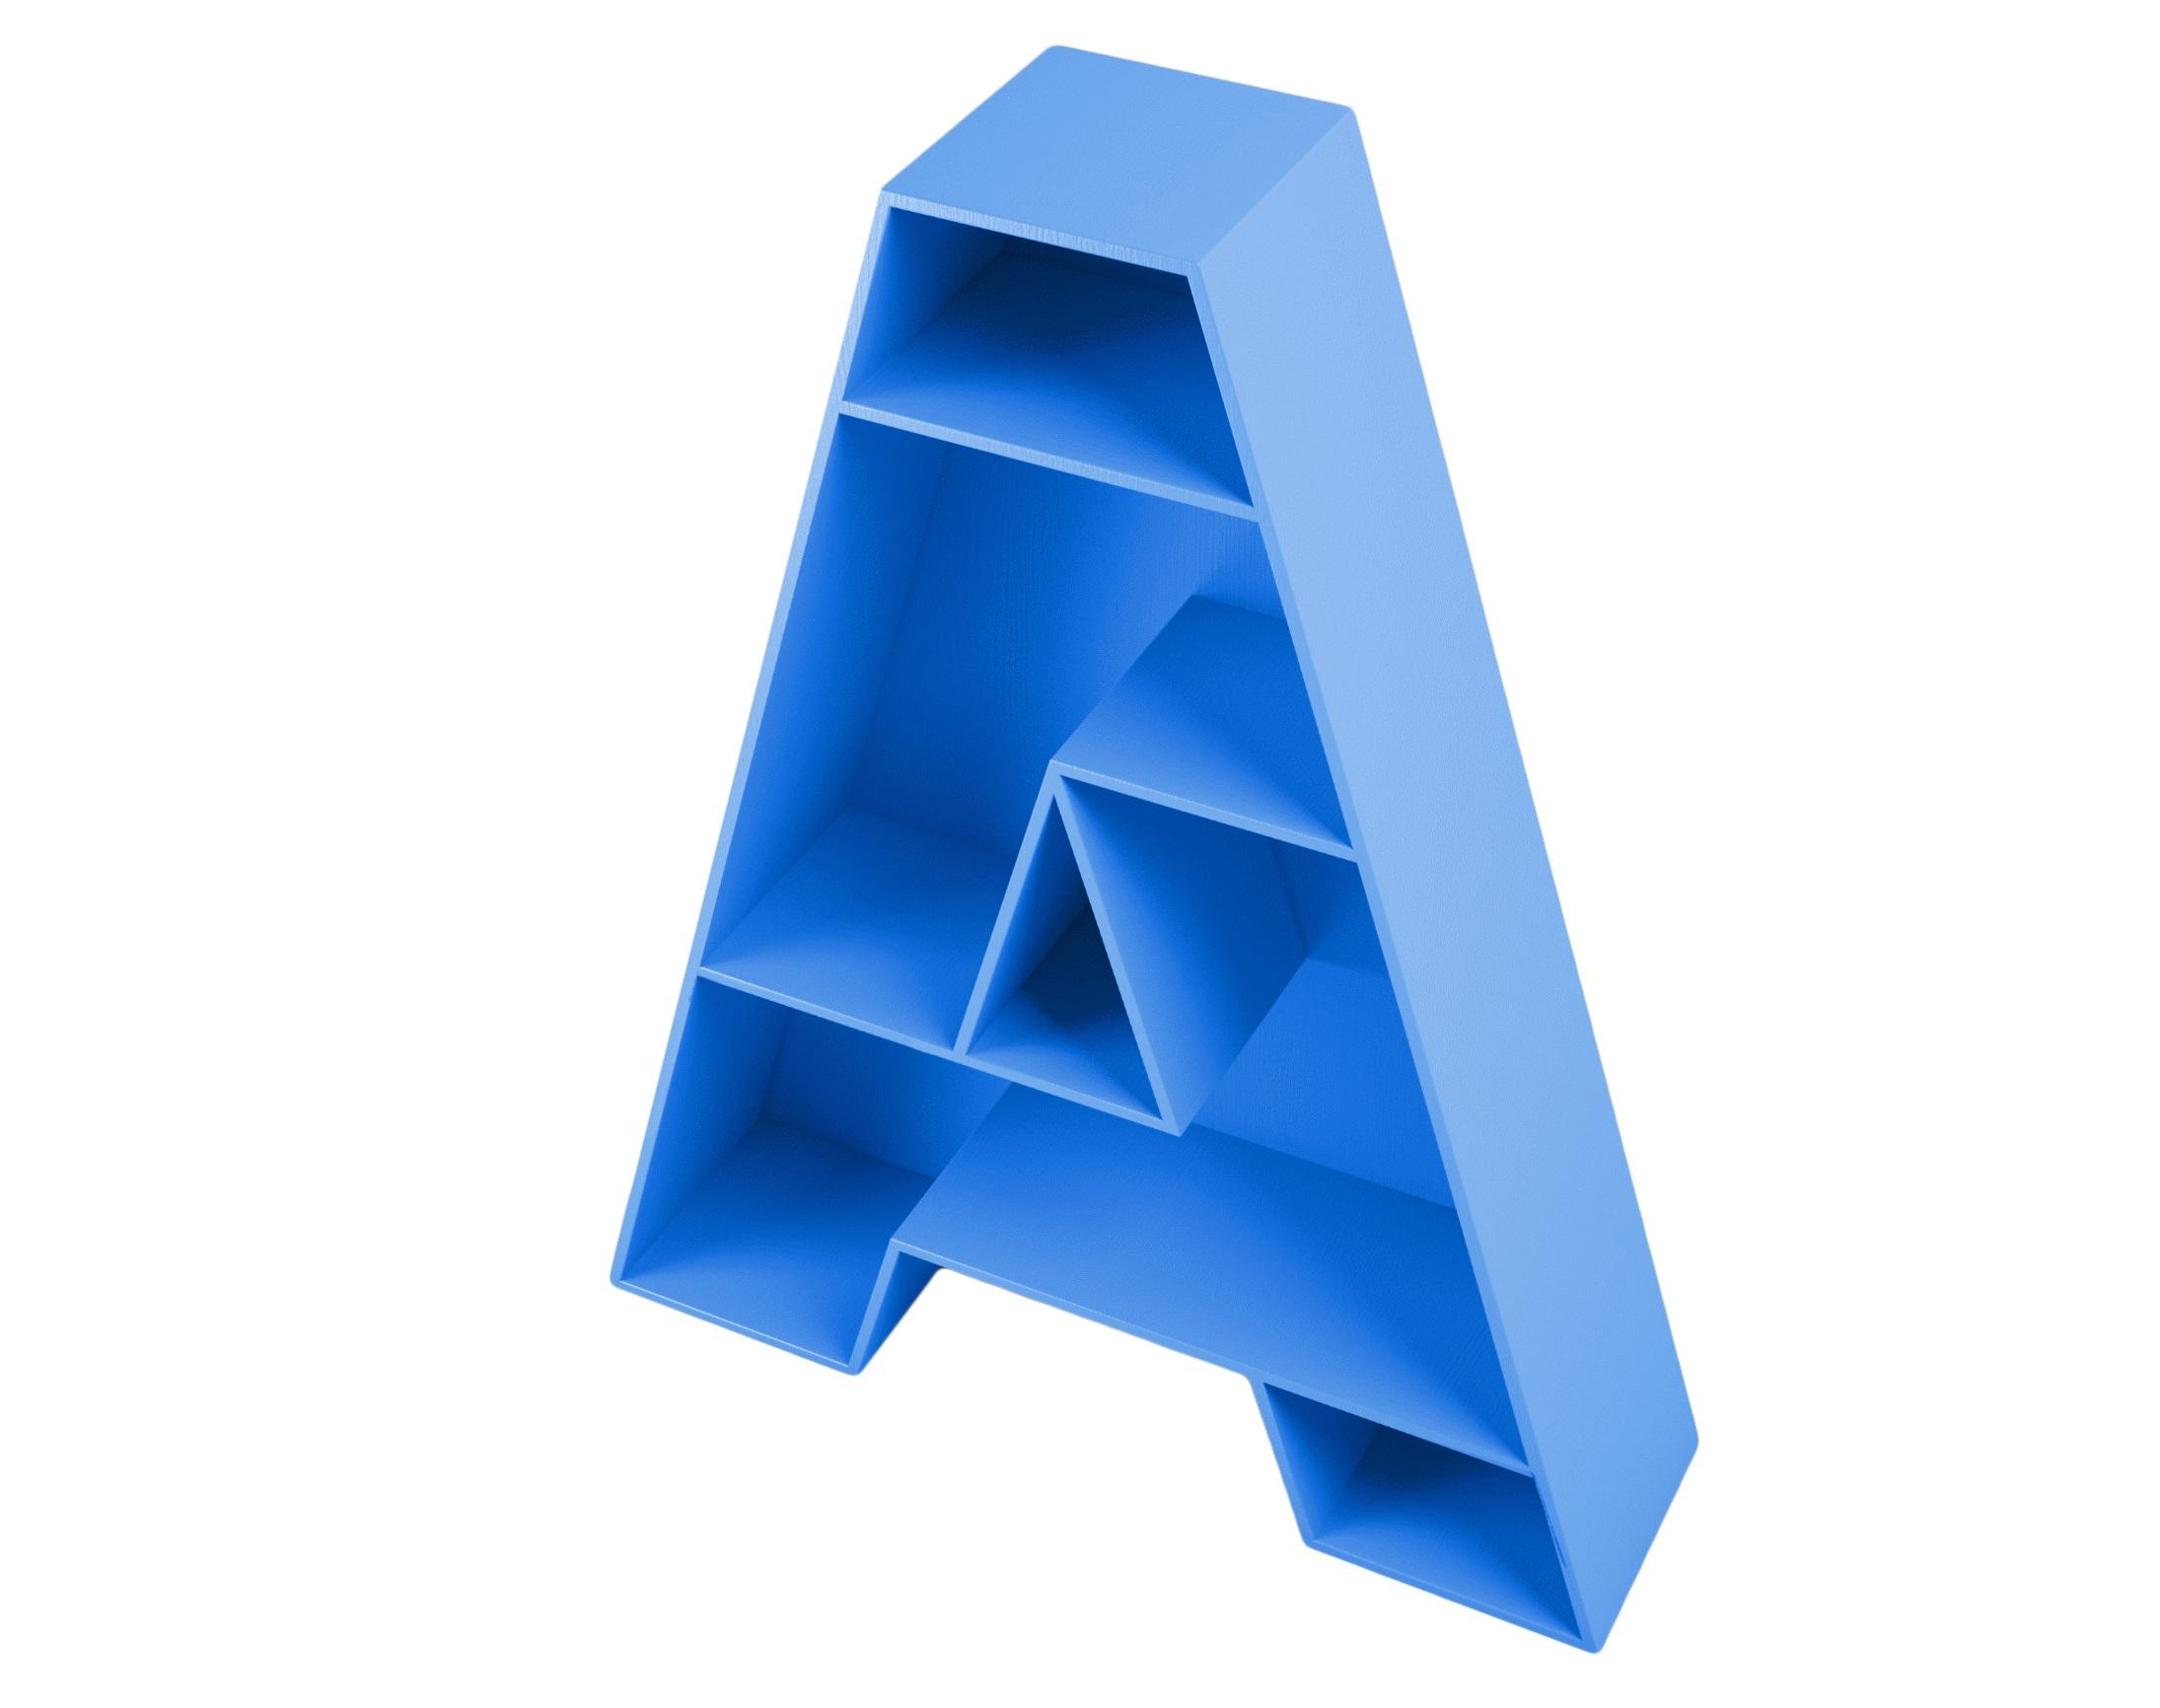 Полка Буква АПолки<br>Дизайнерская полка-стеллаж отлично подойдет для детской!<br>В производстве используются экологически чистые материалы класса &amp;quot;Luxe&amp;quot;!<br>Возможно изготовление других букв!&amp;lt;div&amp;gt;Материал: МДФ, эмаль&amp;amp;nbsp;&amp;lt;/div&amp;gt;<br><br>Material: МДФ<br>Width см: 80<br>Depth см: 20<br>Height см: 100